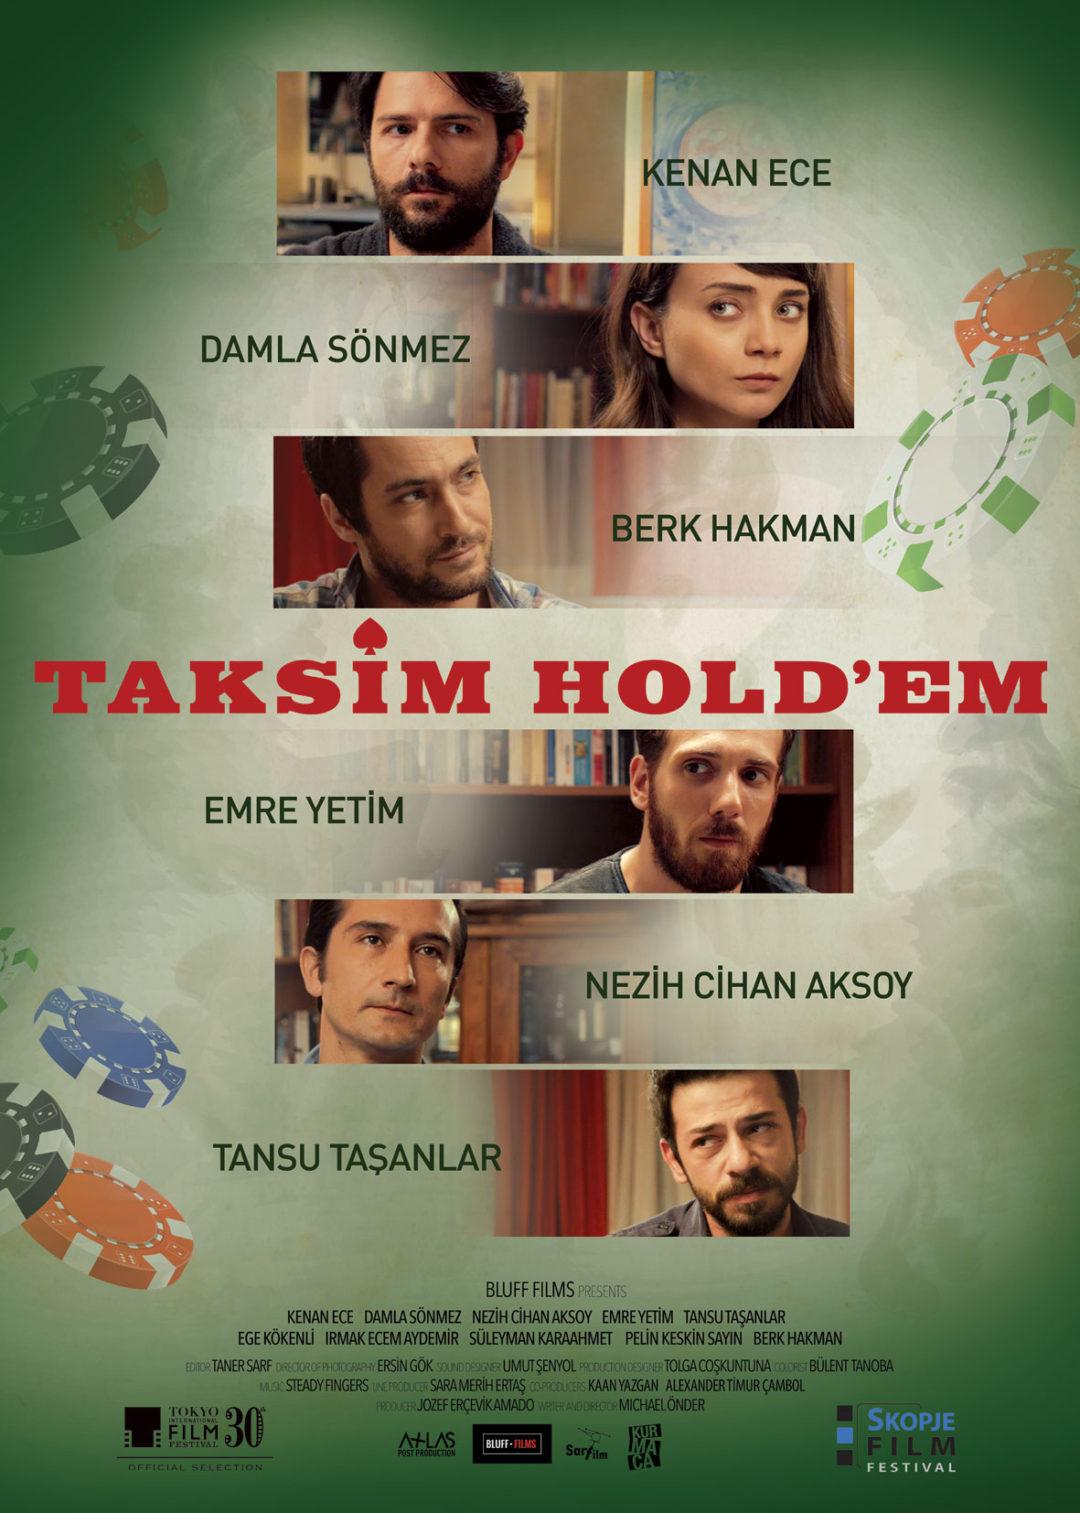 Taksim Hold'em – Taksim Hold'em (2018) Showtime: November 3, 2018; 4:30pm